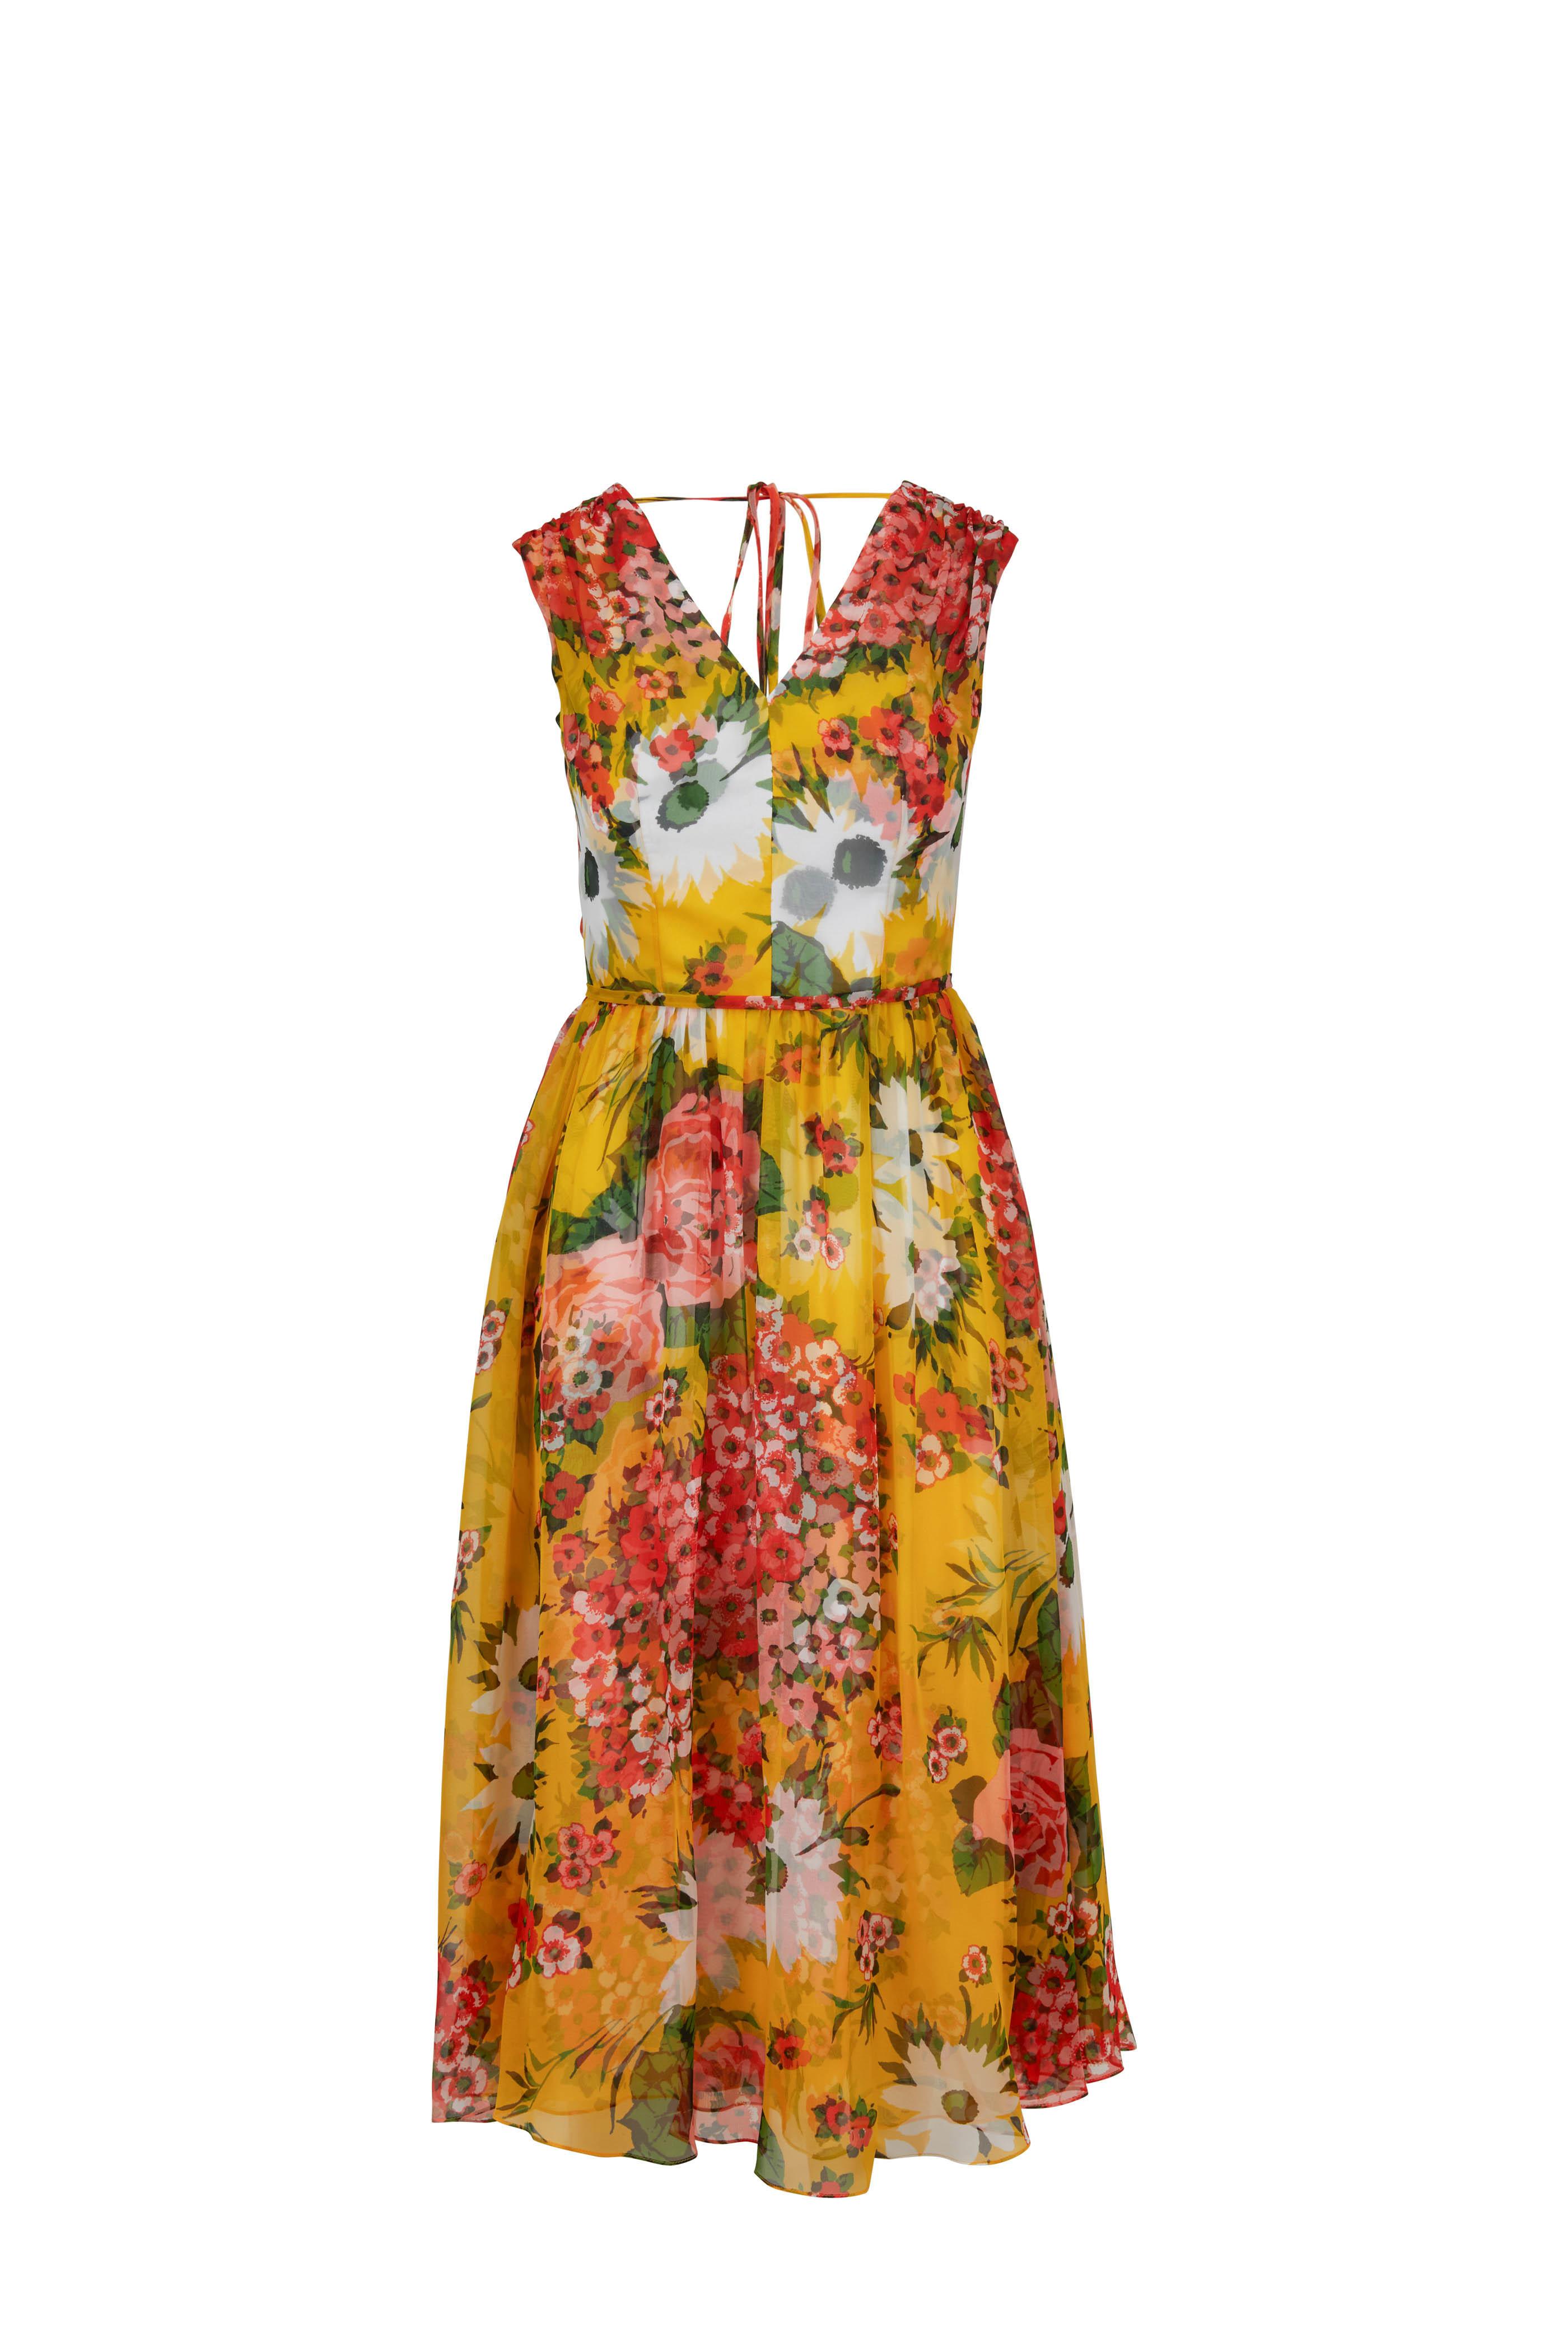 6c3111d8a2539 Carolina Herrera - Yellow Chiffon Taxi-Cab Multi Floral Midi Dress ...